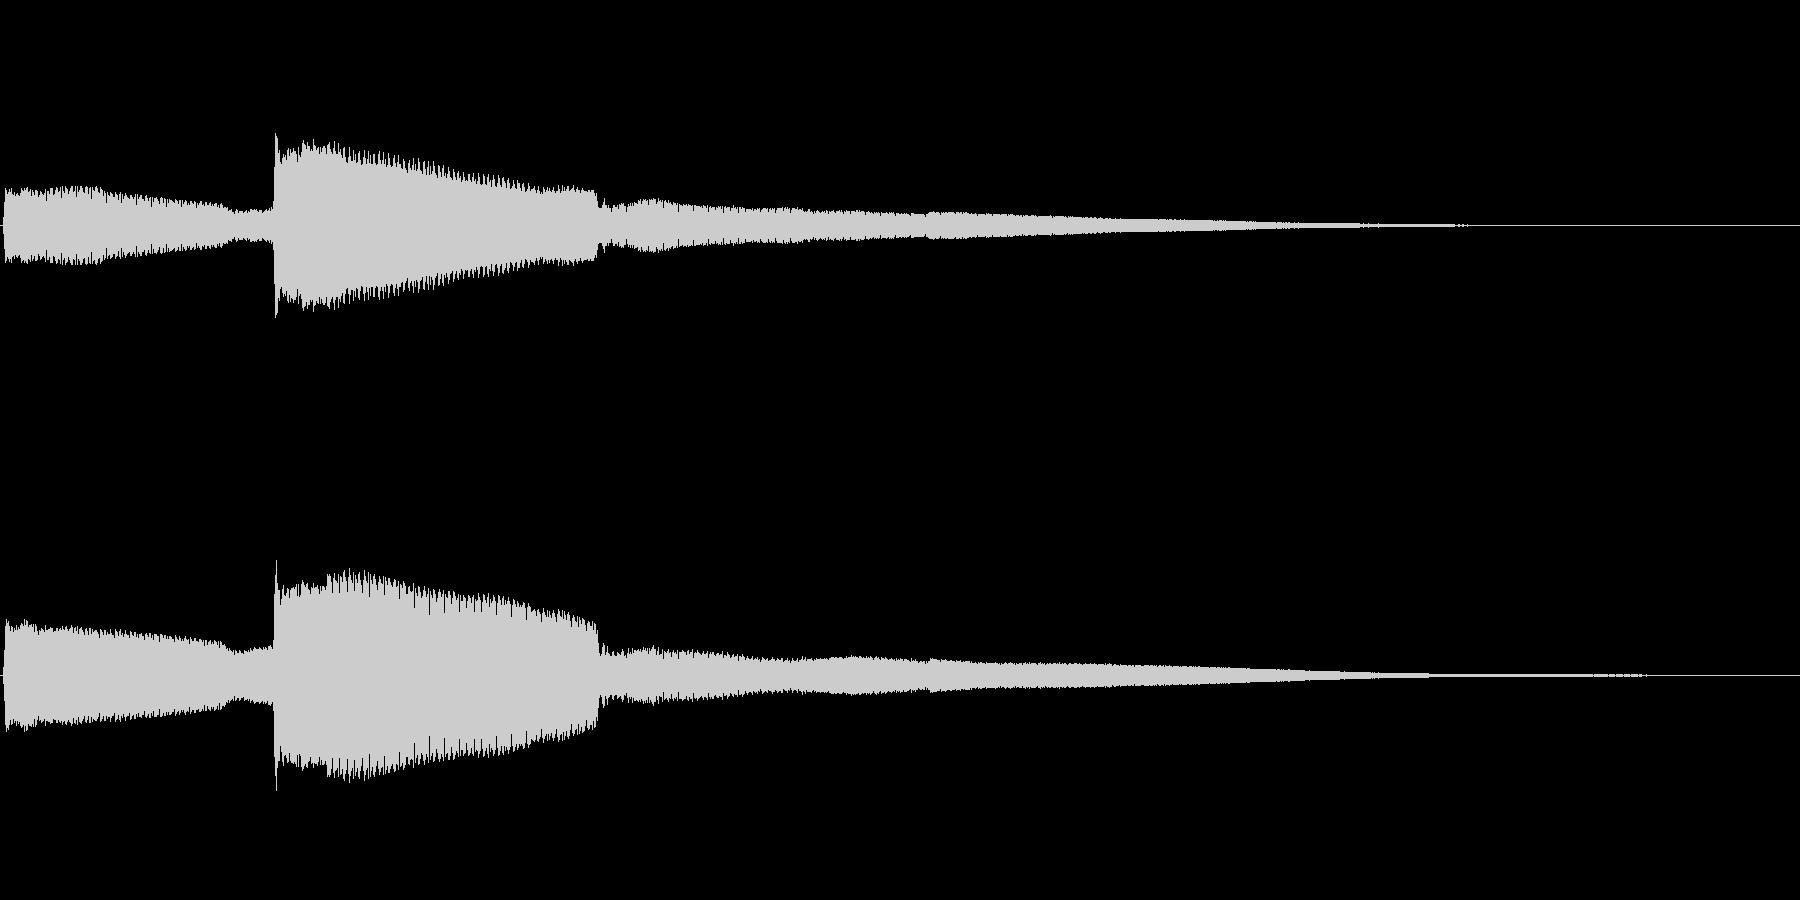 シンプルなコイン取得音(高音)の未再生の波形